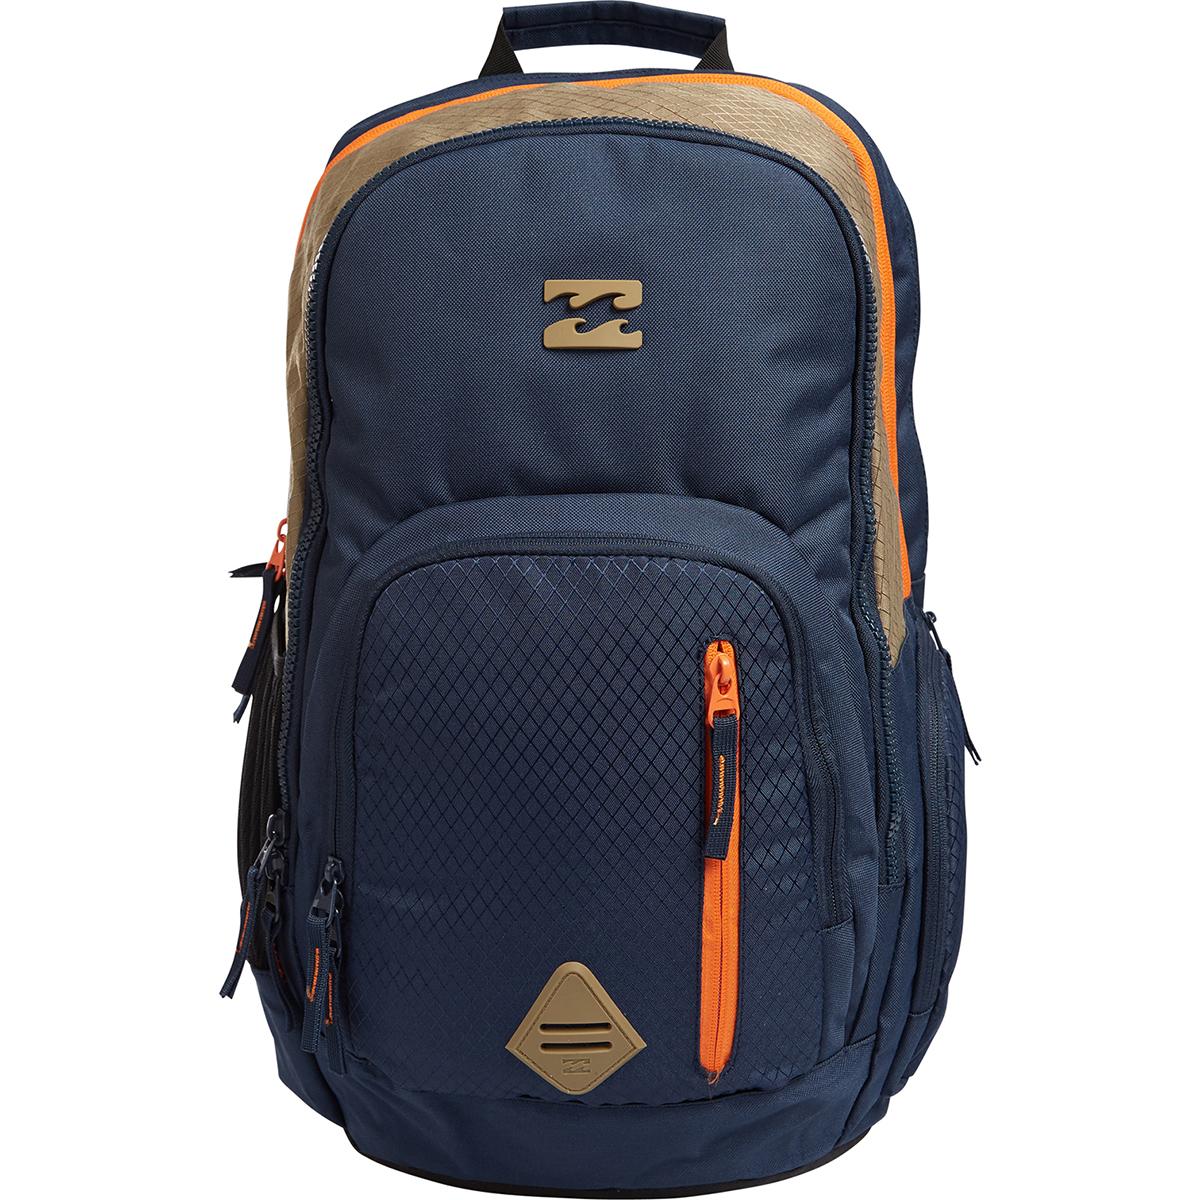 Рюкзак городской мужской Billabong Command, цвет: индиго, 35 л. Z5BP05Z5BP05Практичный рюкзак, выполненный из износостойких материалов, готовый служить Вам долгое время, сохраняя презентабельный внешний вид. Множество отделений делаю его очень вместительным и позволяют раскладывать вещи так, как Вам удобно. Мягкие вставки на задней панели и эргономичные плечевые лямки